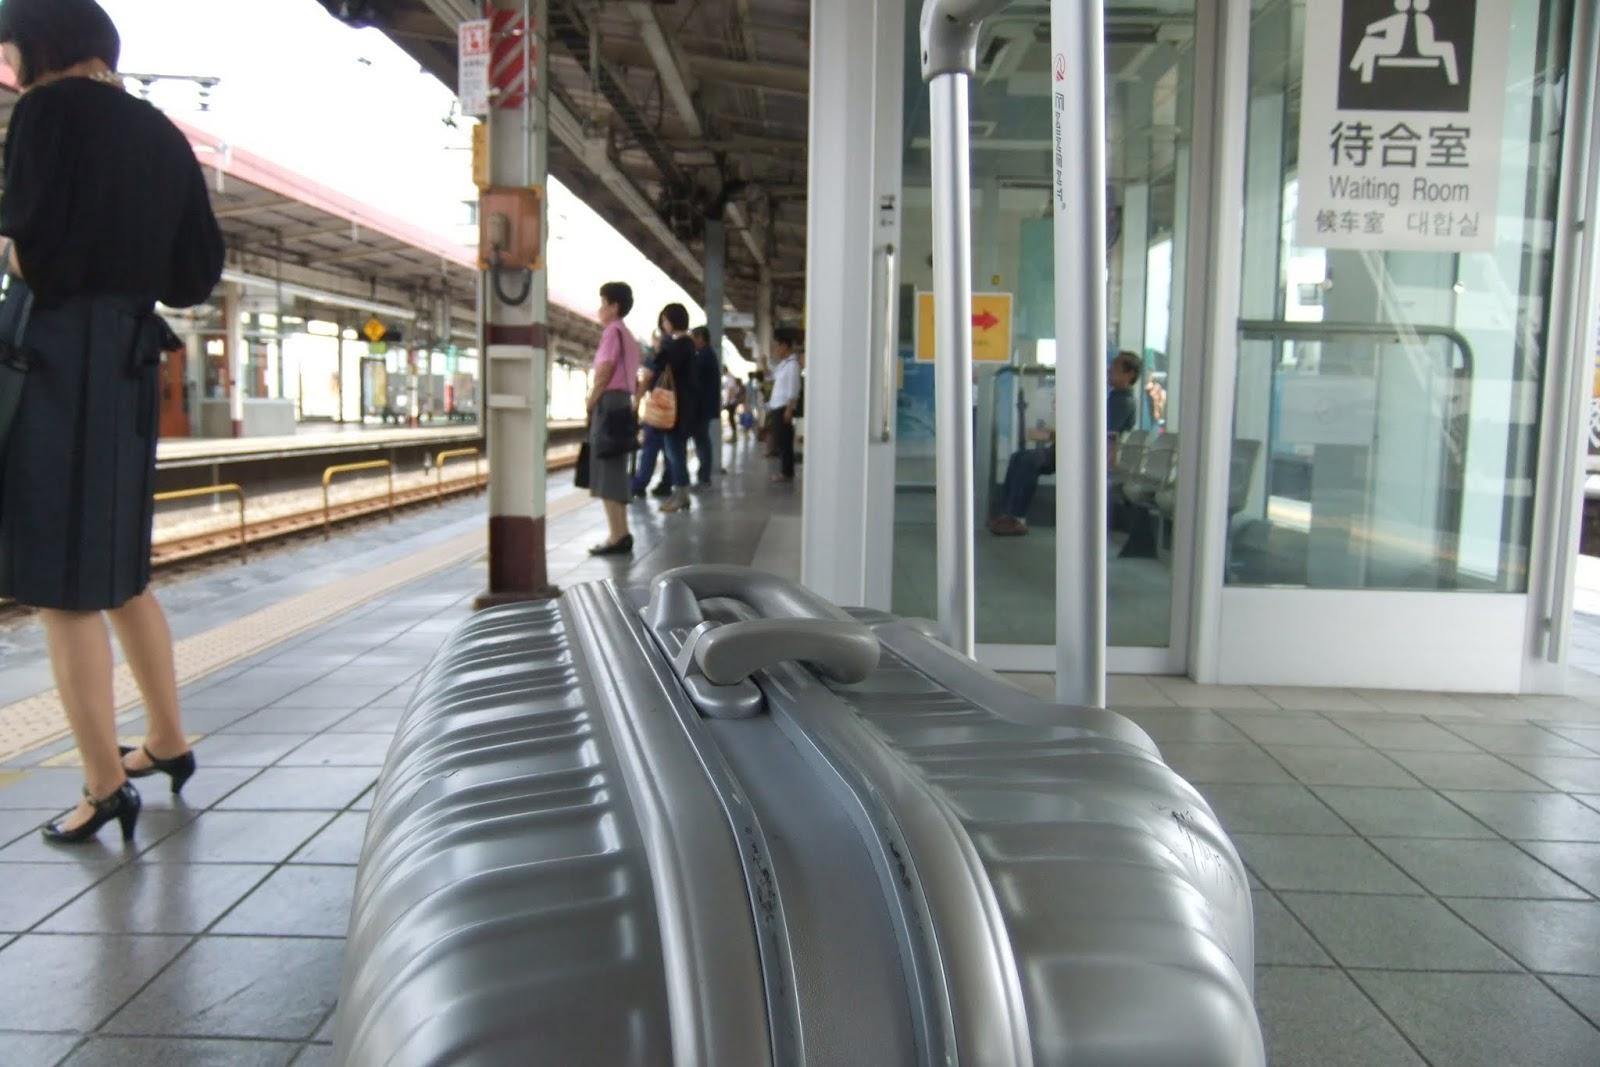 large-suitcase